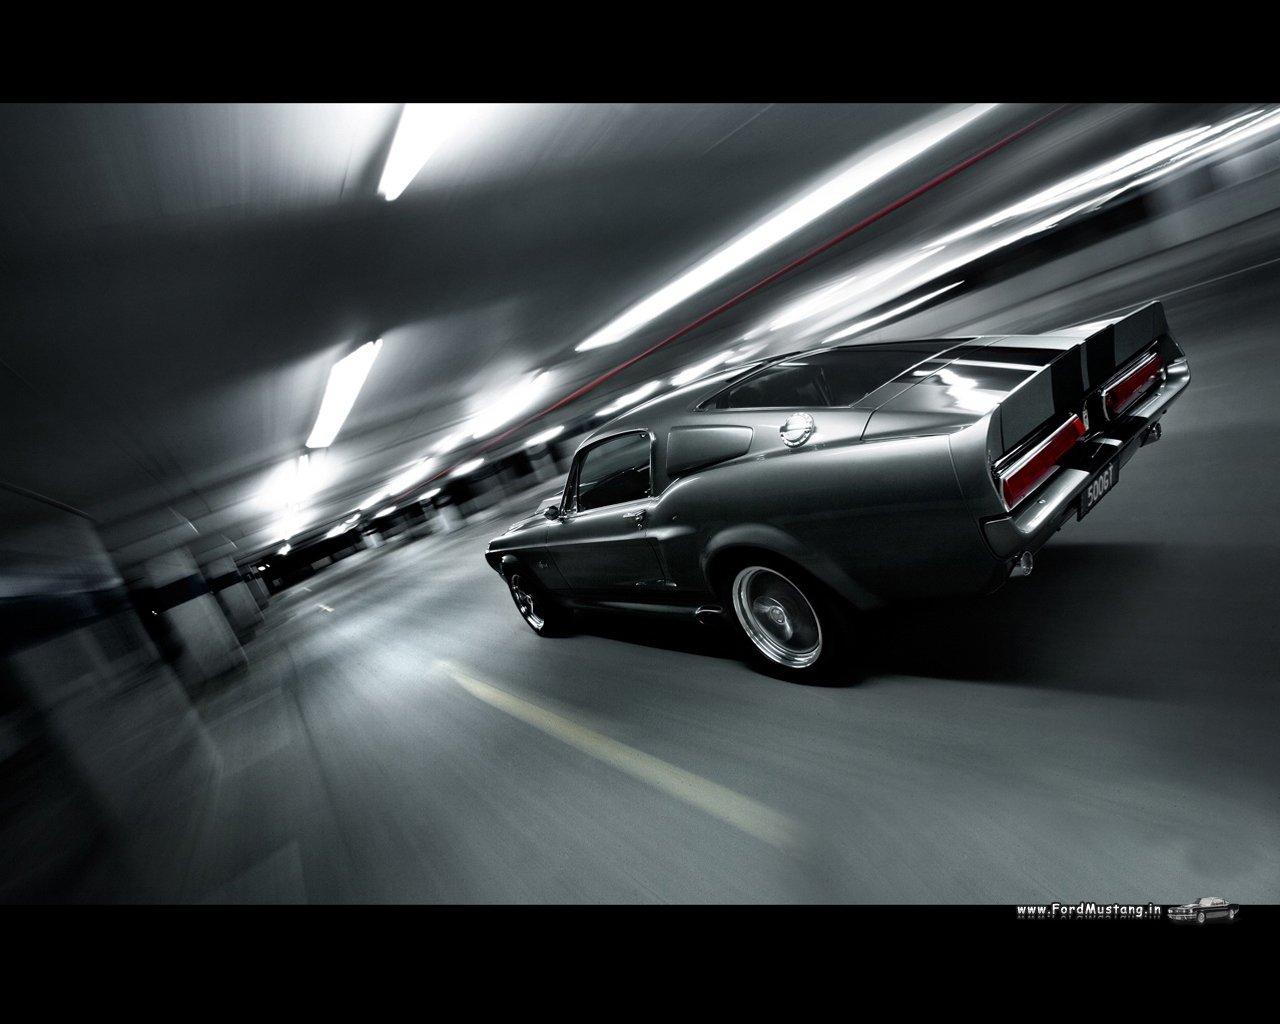 http://1.bp.blogspot.com/-c4CeIVRtaUA/UHSKbcE3GCI/AAAAAAAAAlI/hj0c6KnLe2M/s1600/Ford-Mustang-Shelby-GT500-1280x1024-02.jpg